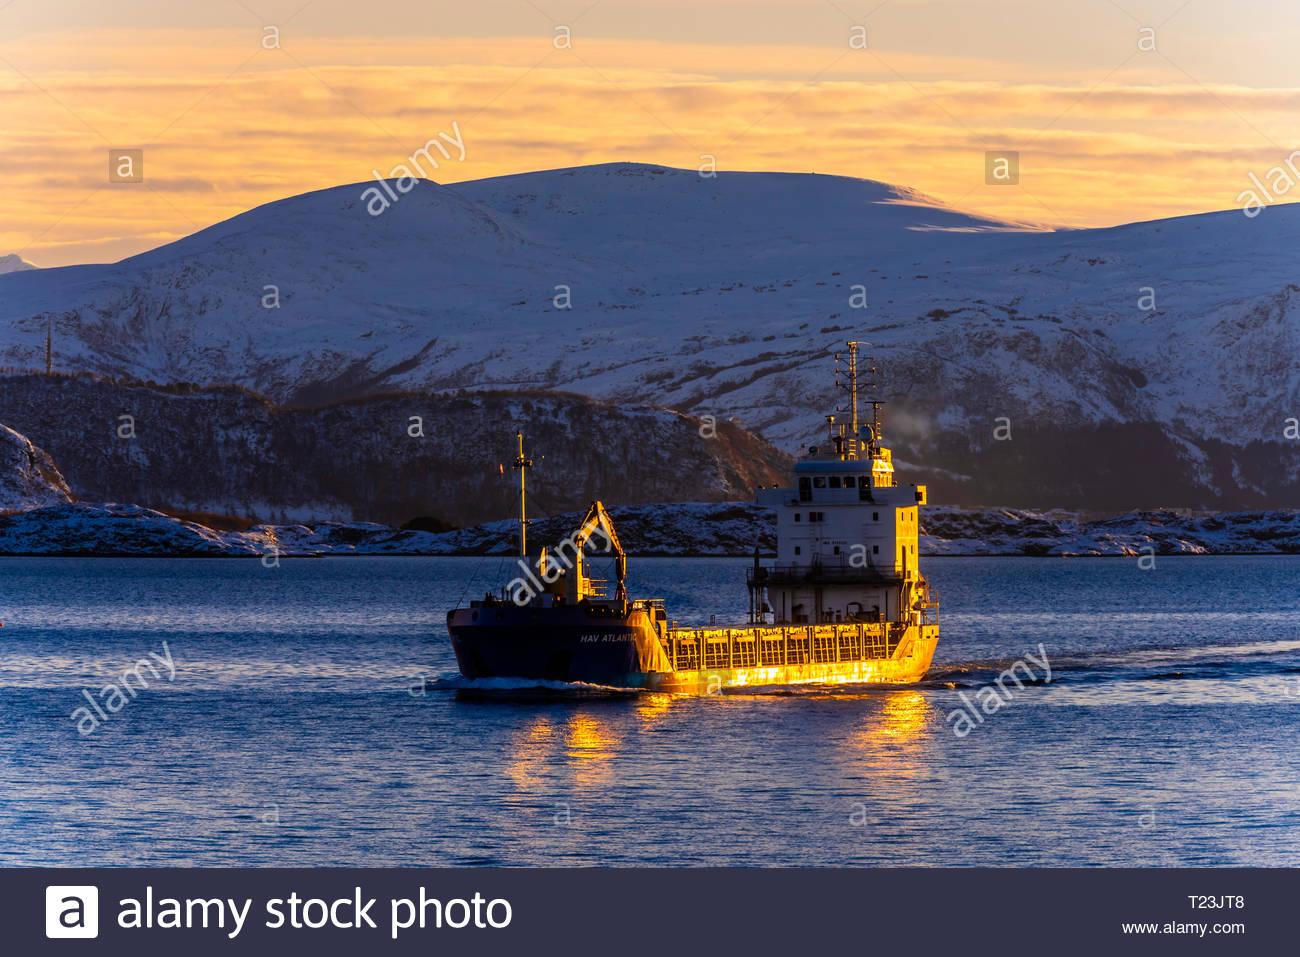 Cargo ship Hav Atlantic off the coast near Alesund, Norway. Stock Photo